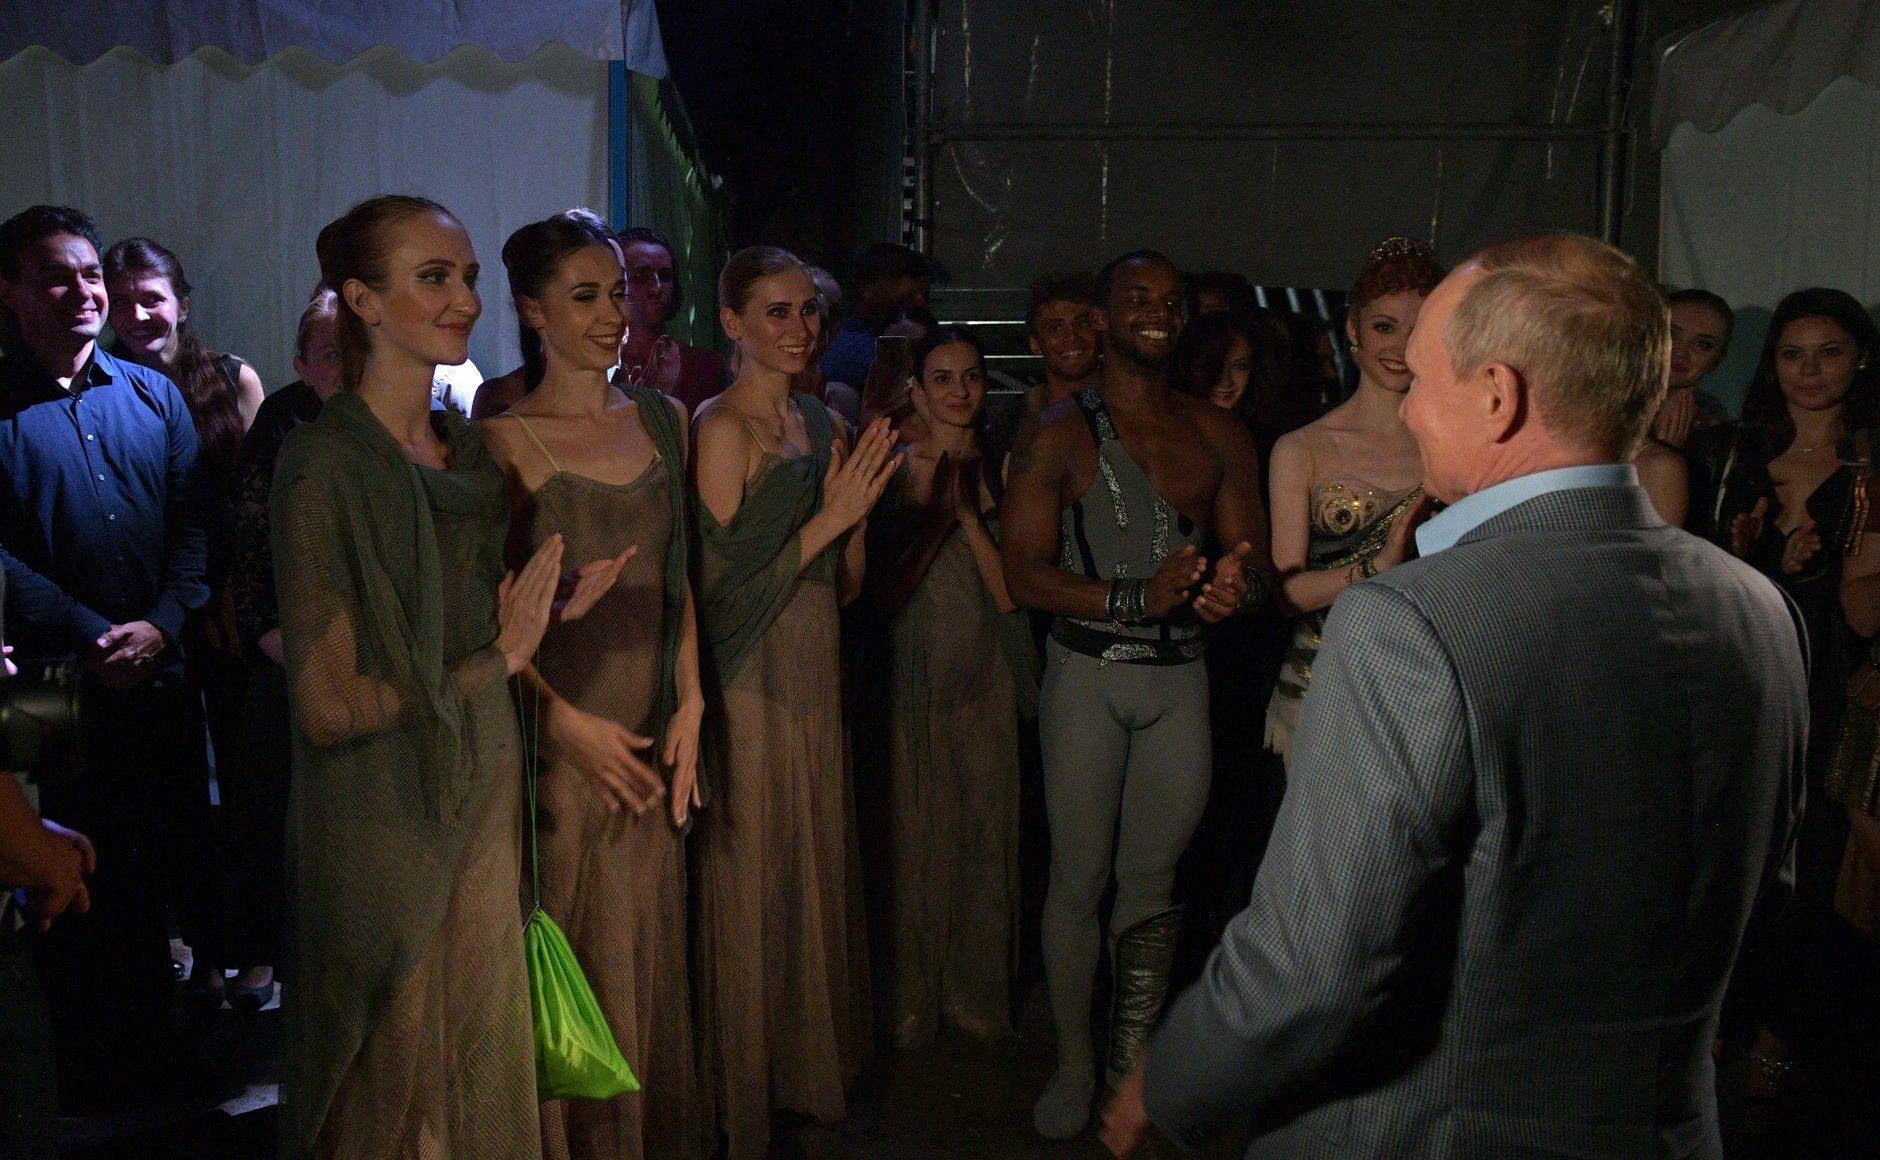 Путин оценил постановку «Спартака» в Херсонесе